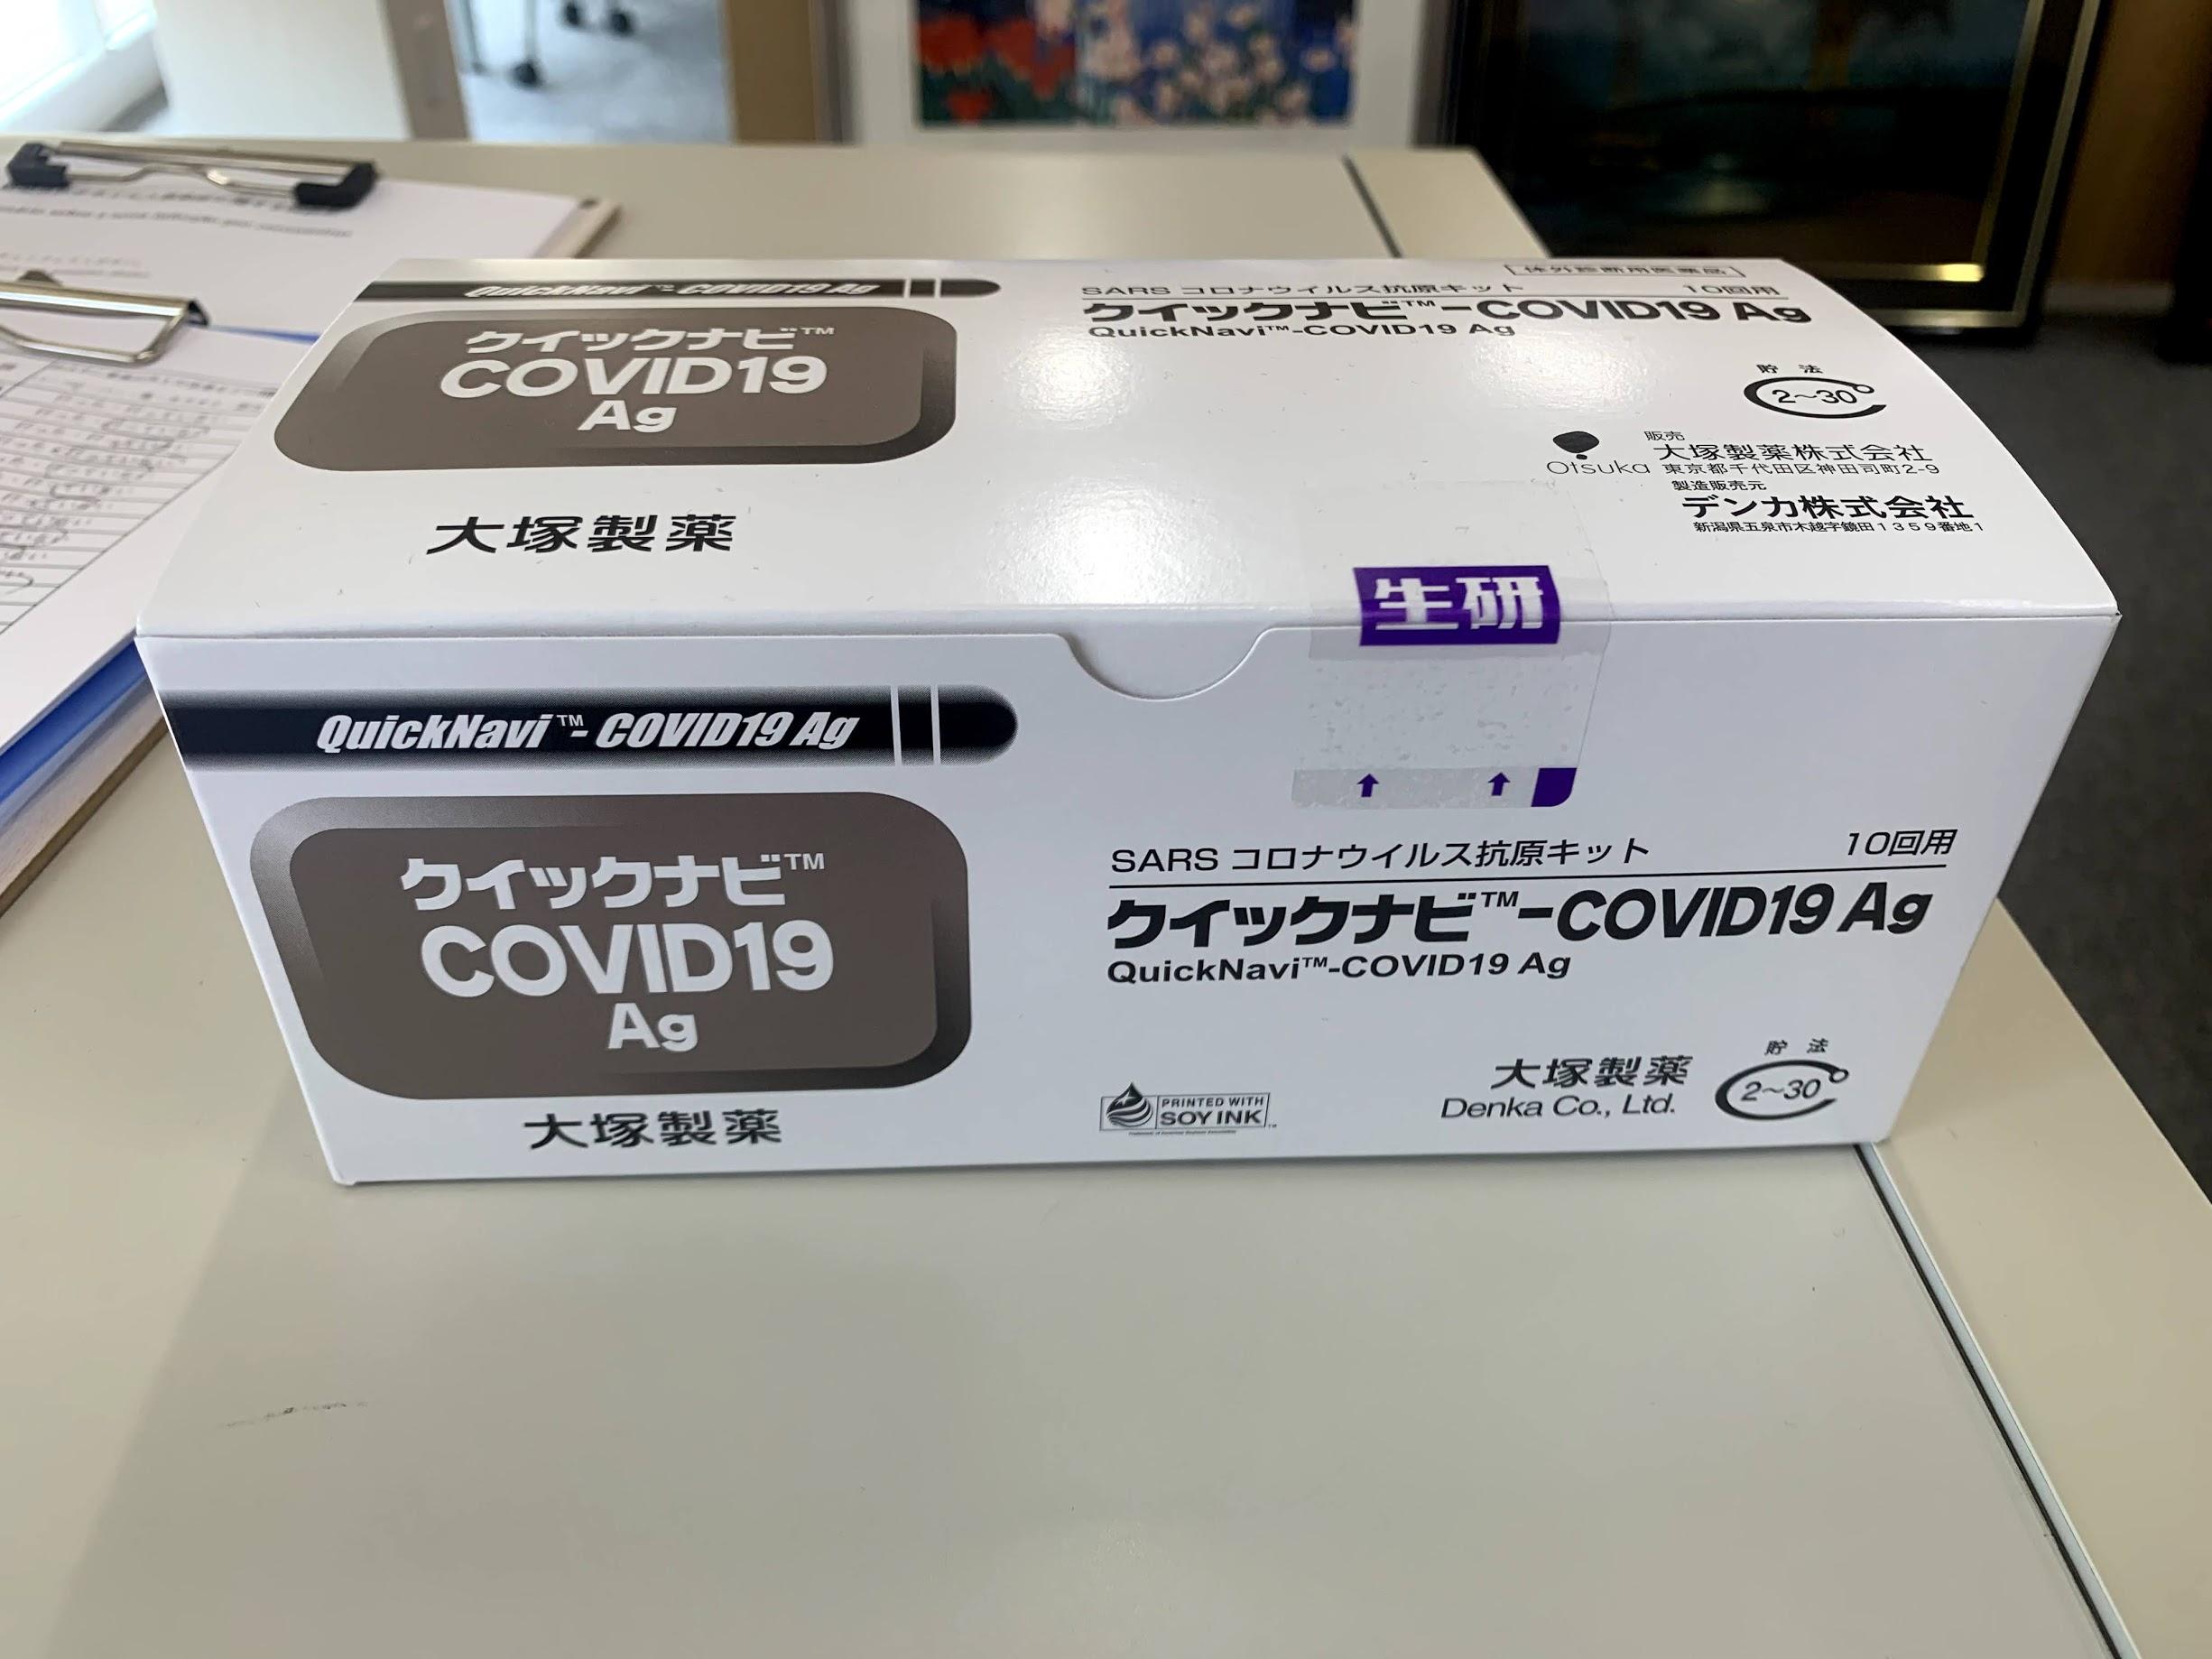 新型コロナウィルス感染拡大防止のための抗原定性検査キットを配備しました